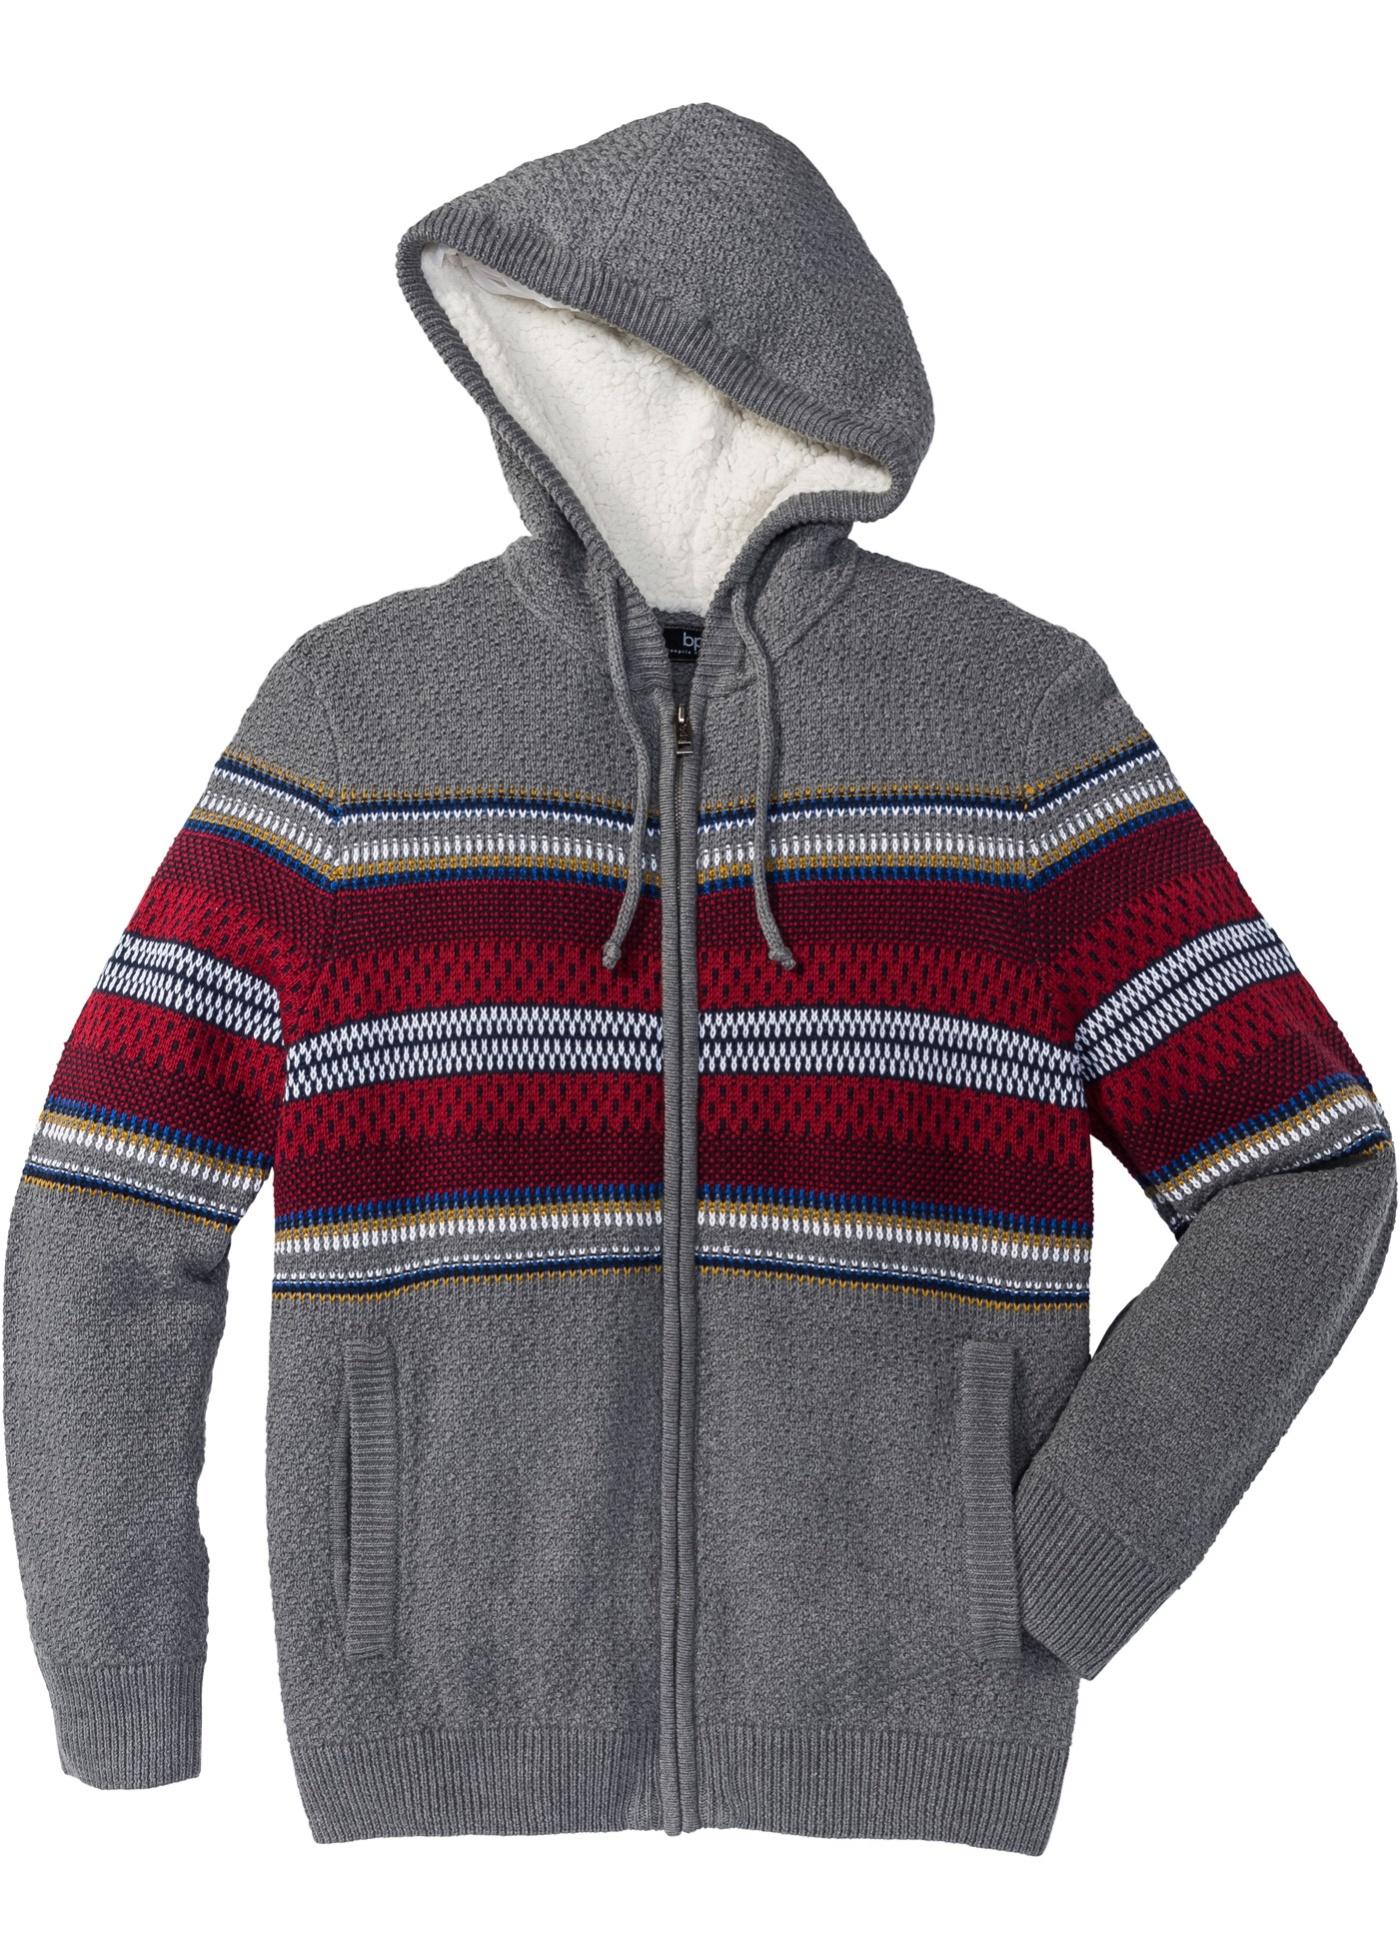 Pletený kabátek s kapucí, Regular Fit - Šedá